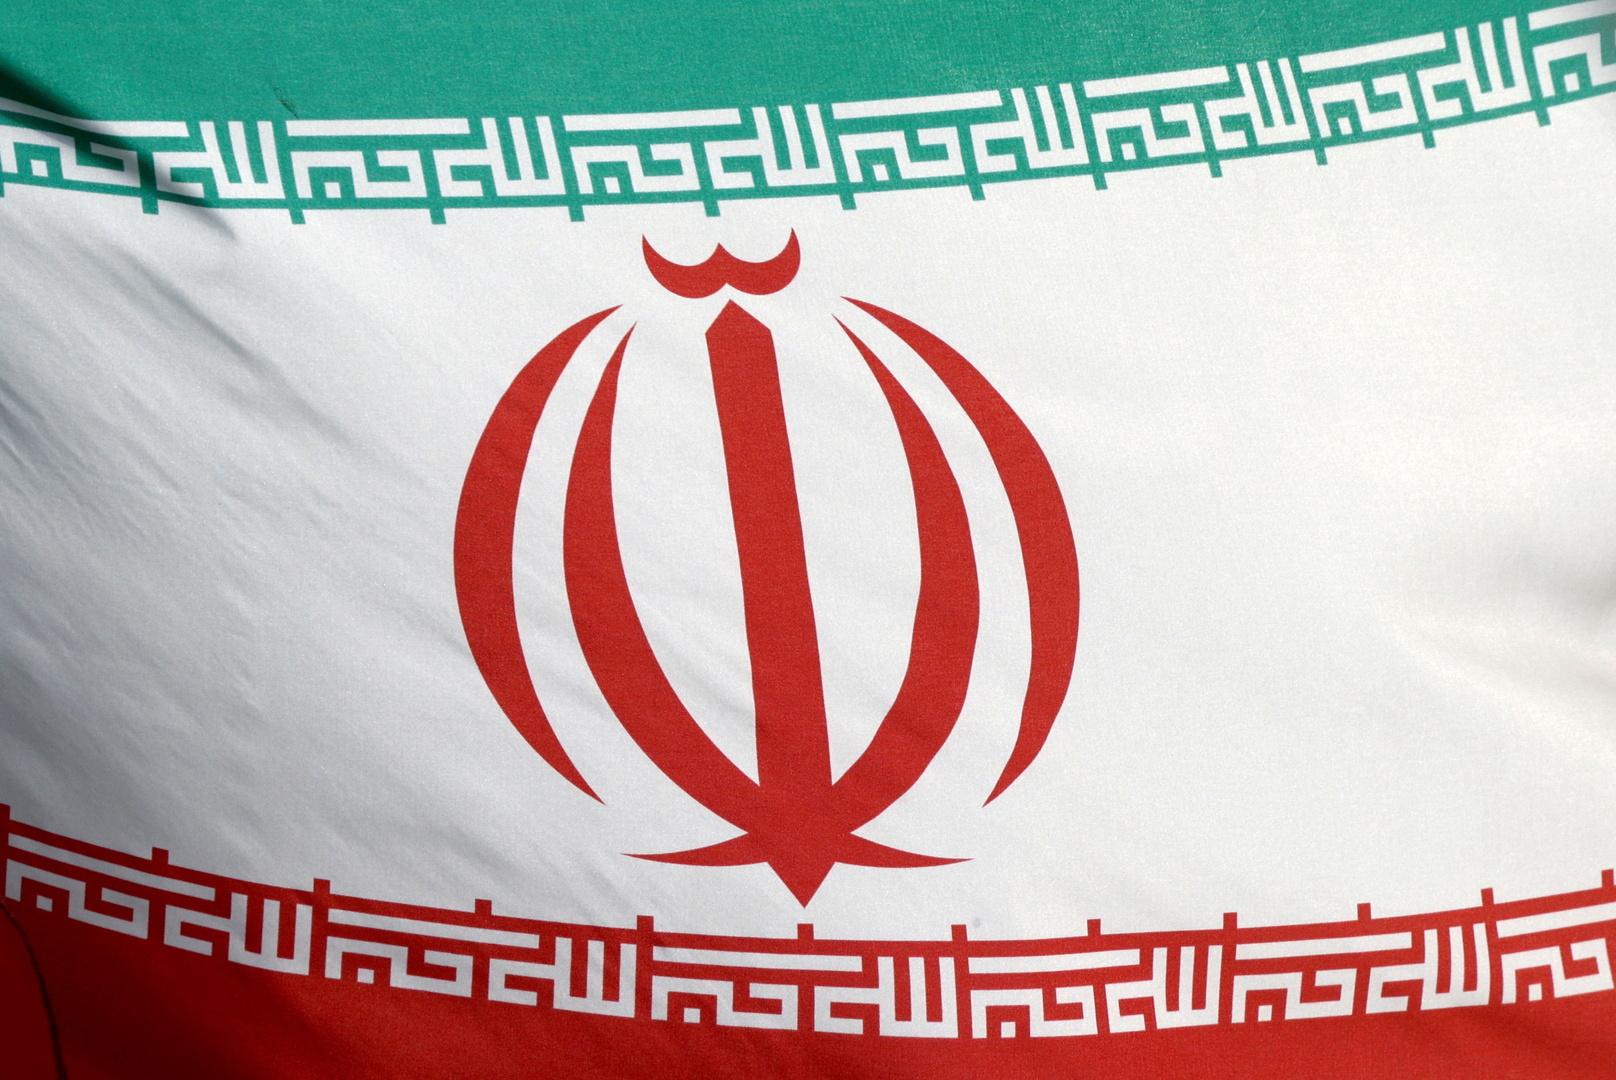 طهران تحدد شروط التسجيل في الانتخابات الرئاسية الإيرانية